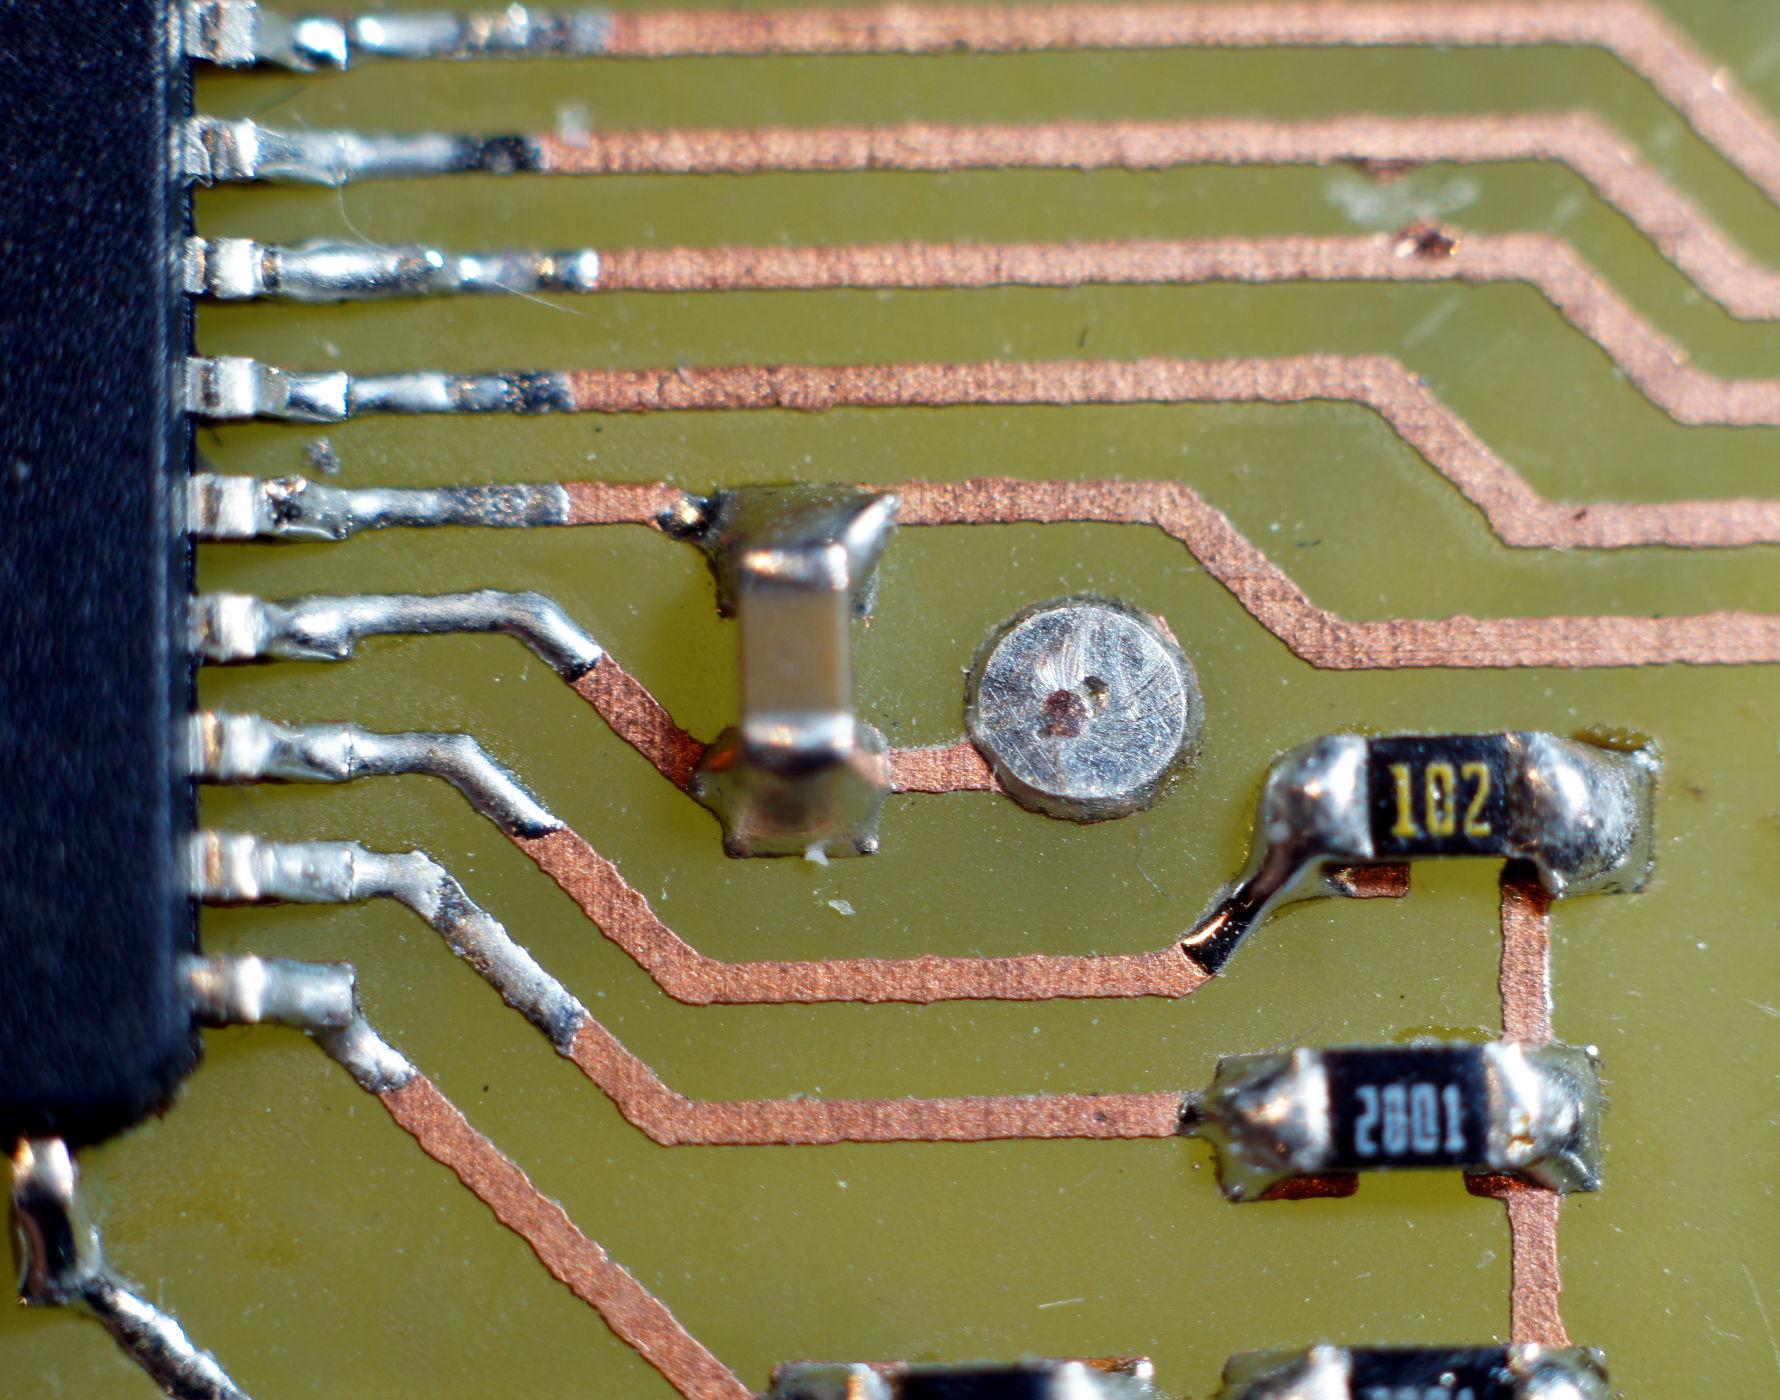 Durchkontaktierung mit Draht - Mikrocontroller.net